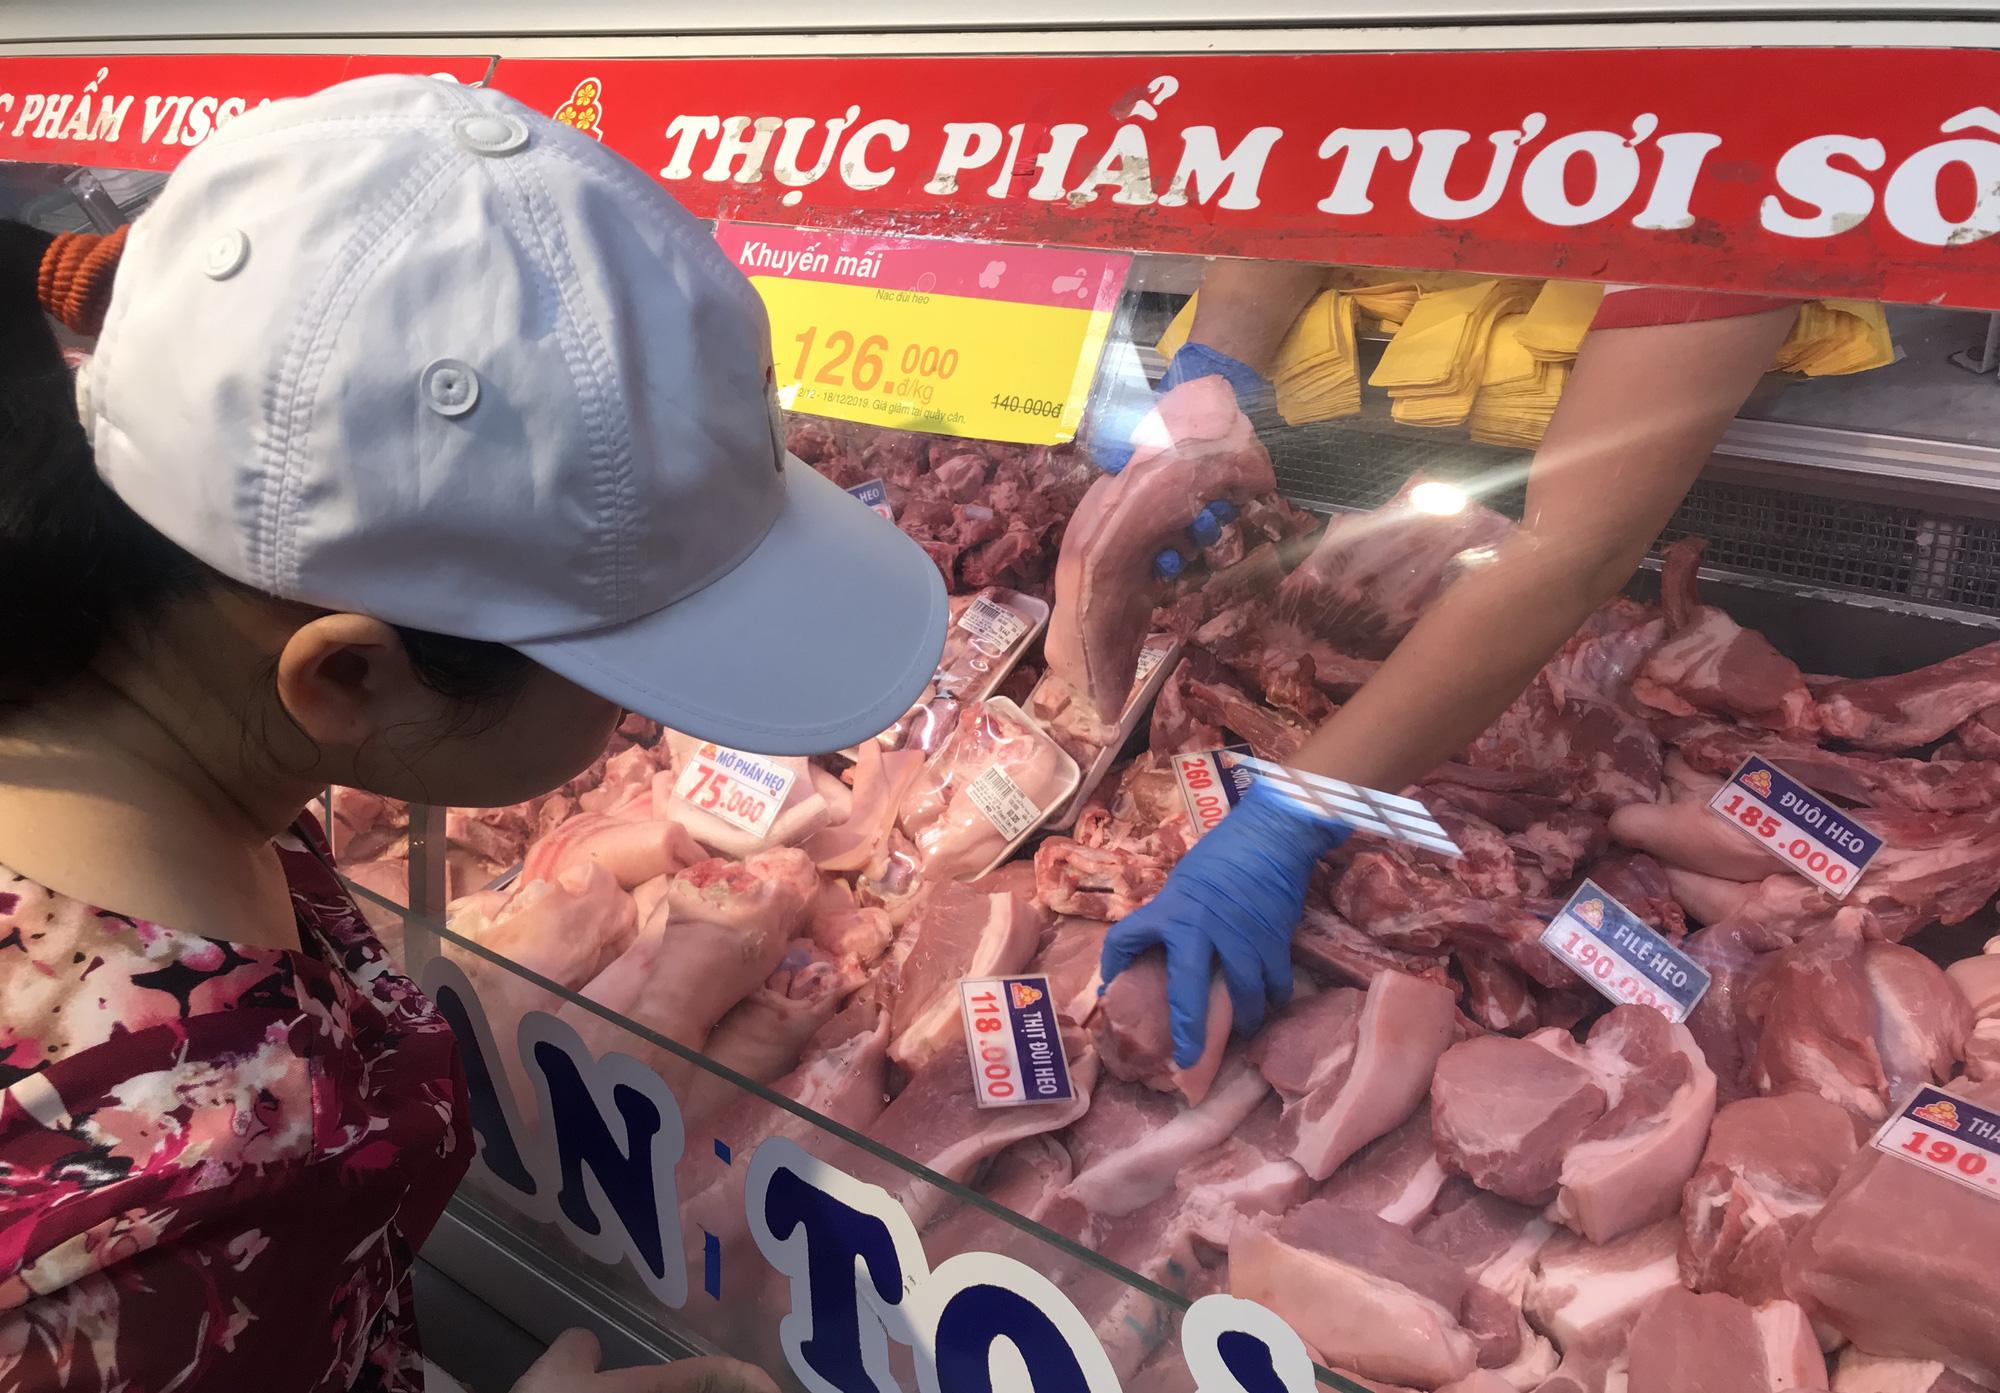 Tết Nguyên đán 2020, Big C sẽ bán thịt heo với giá vốn - Ảnh 2.